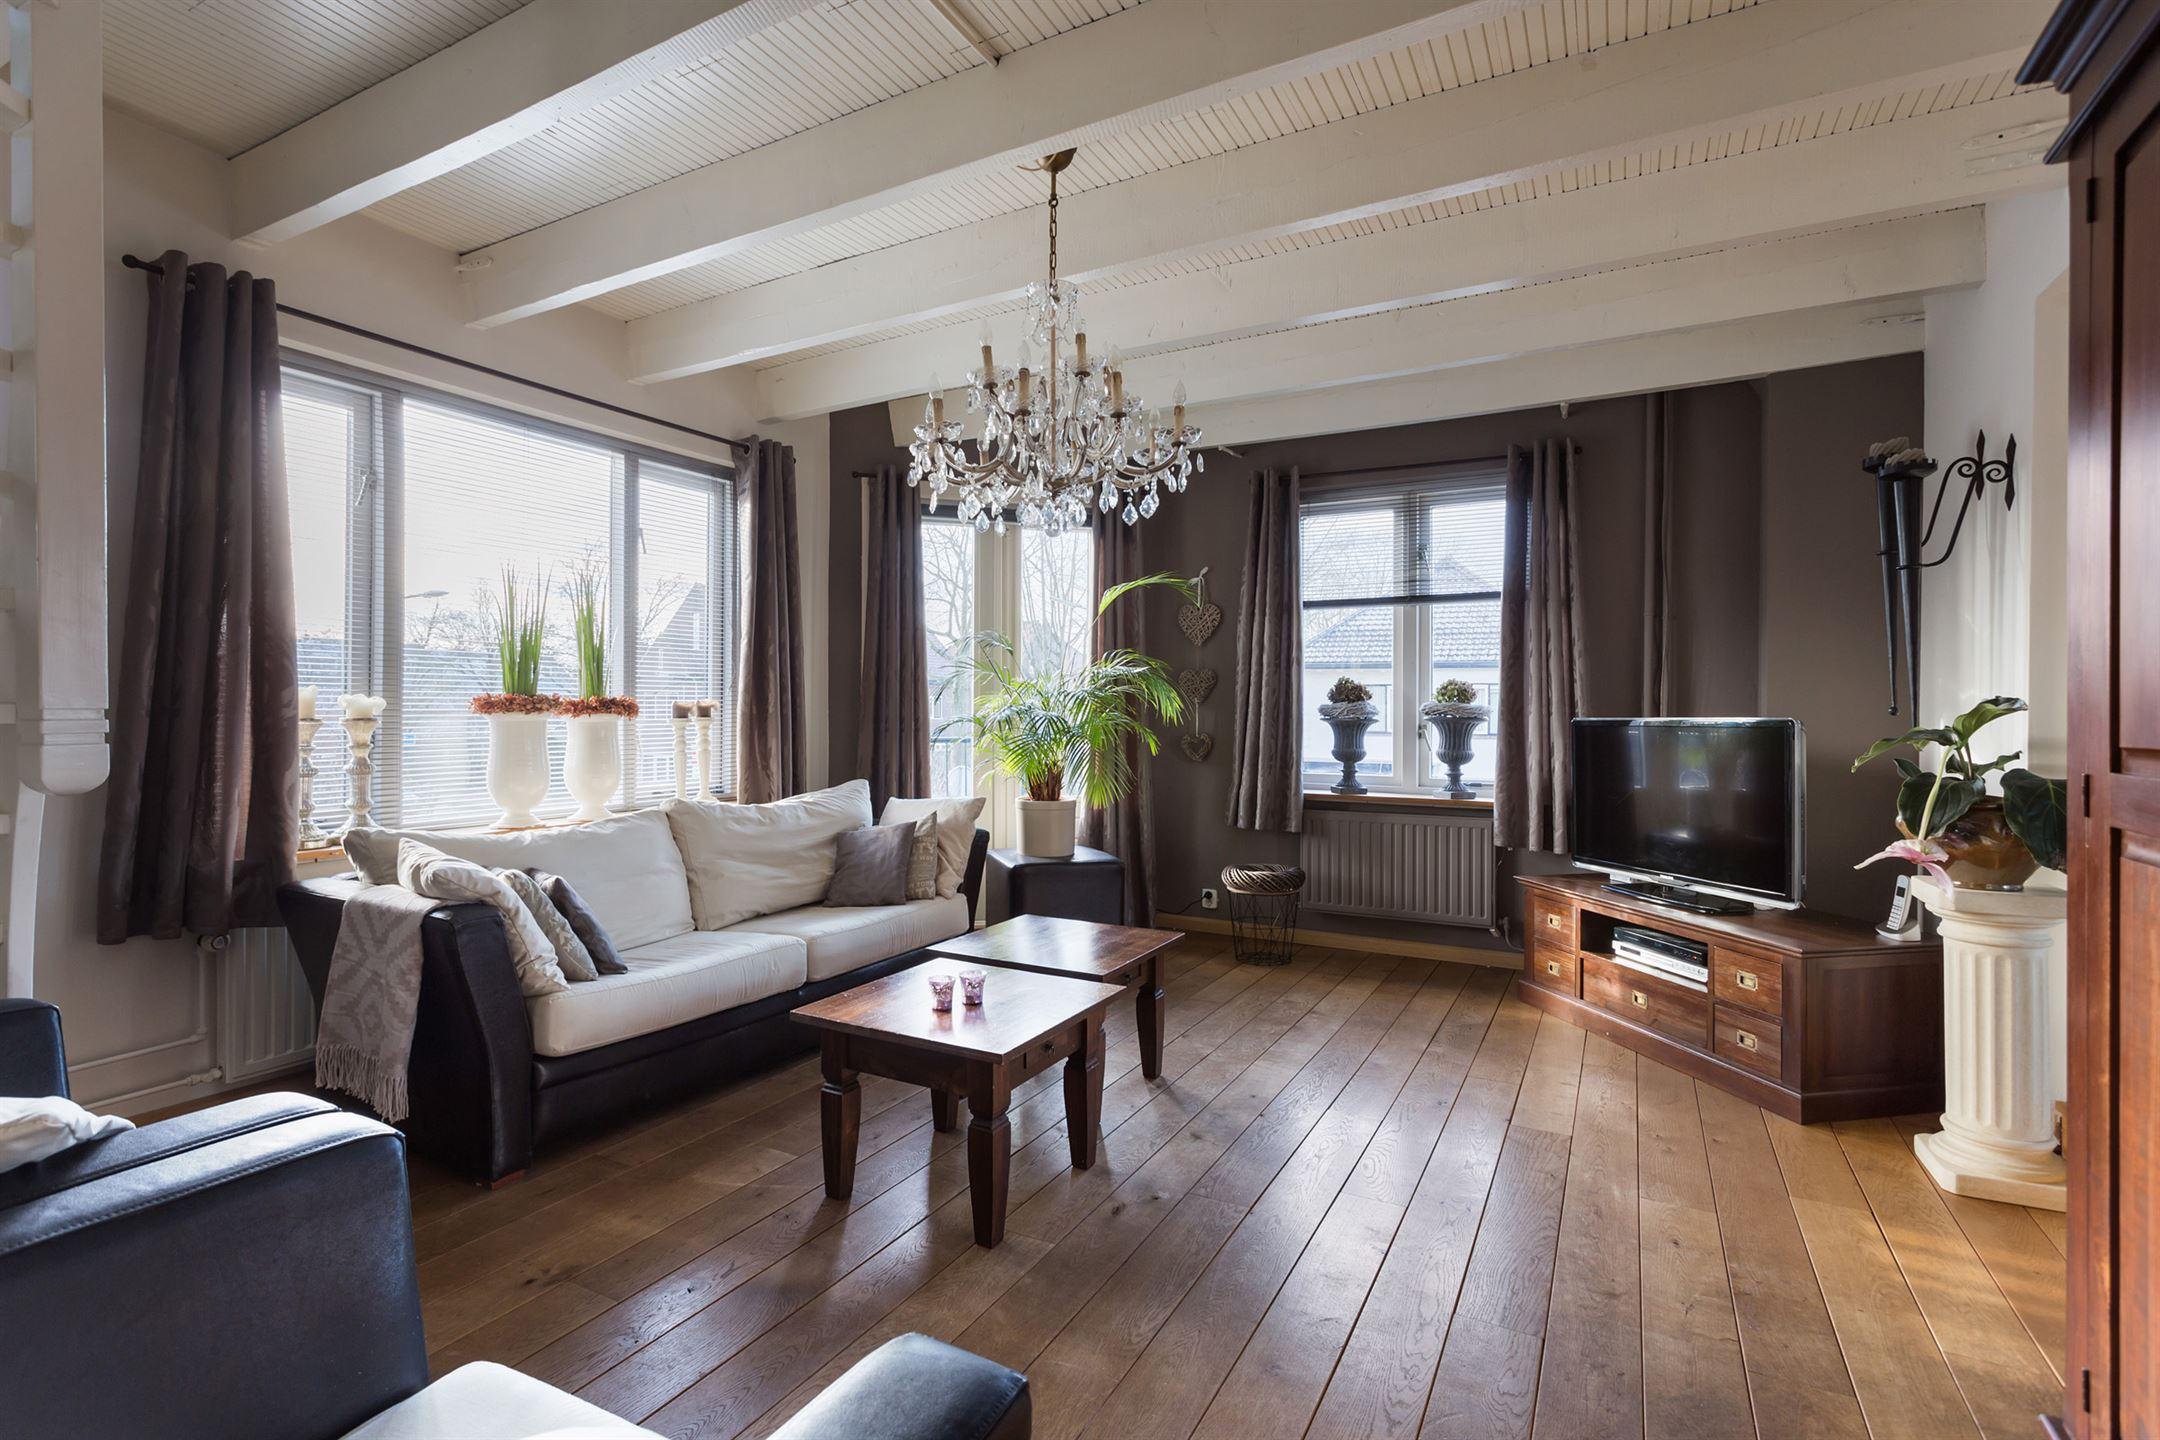 Appartement te koop: Hazenkampseweg 126 6531 NN Nijmegen ... Goodwill Berekenen